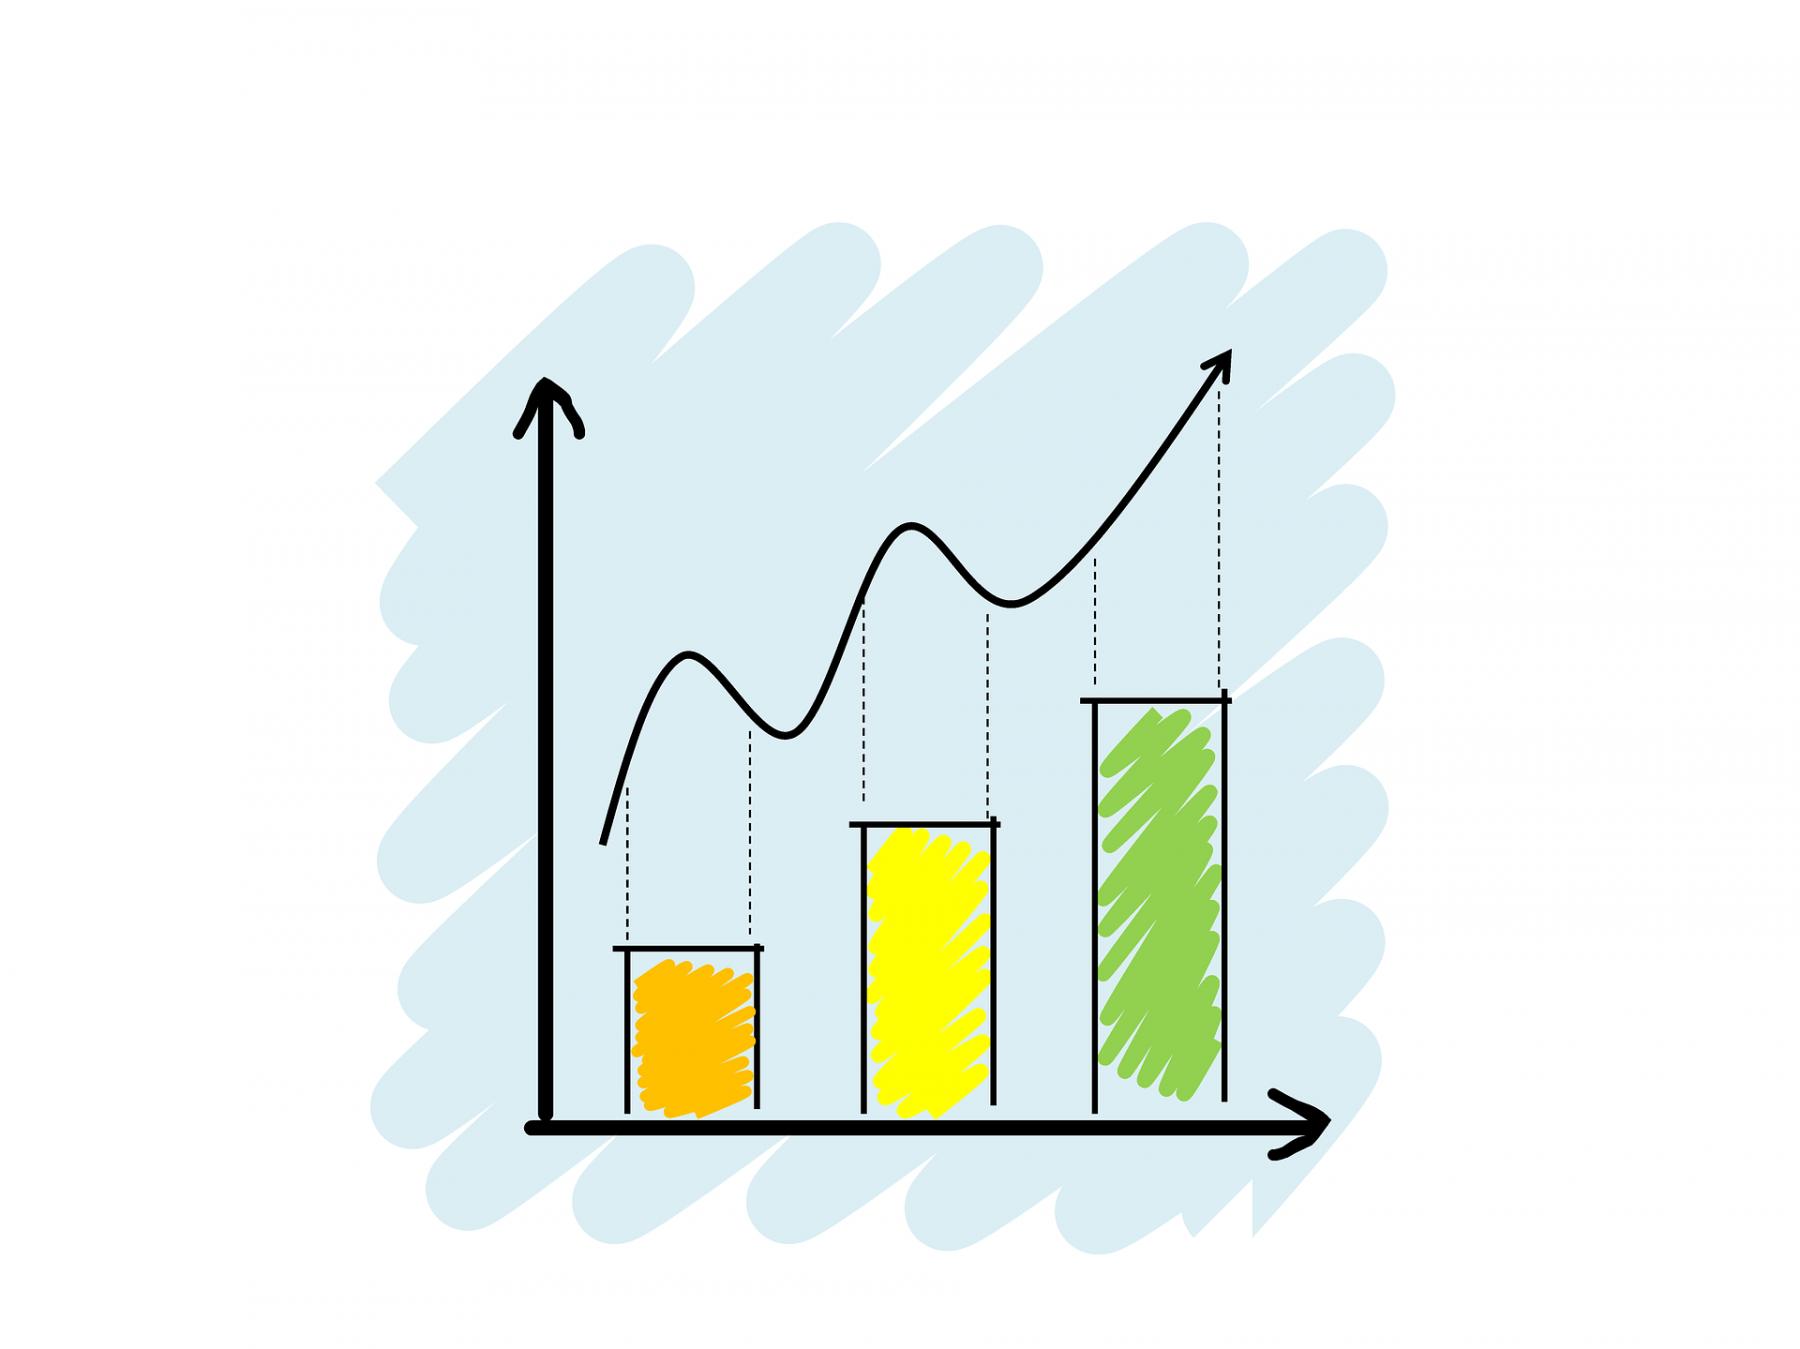 En ritad graf med uppåtgående kurva